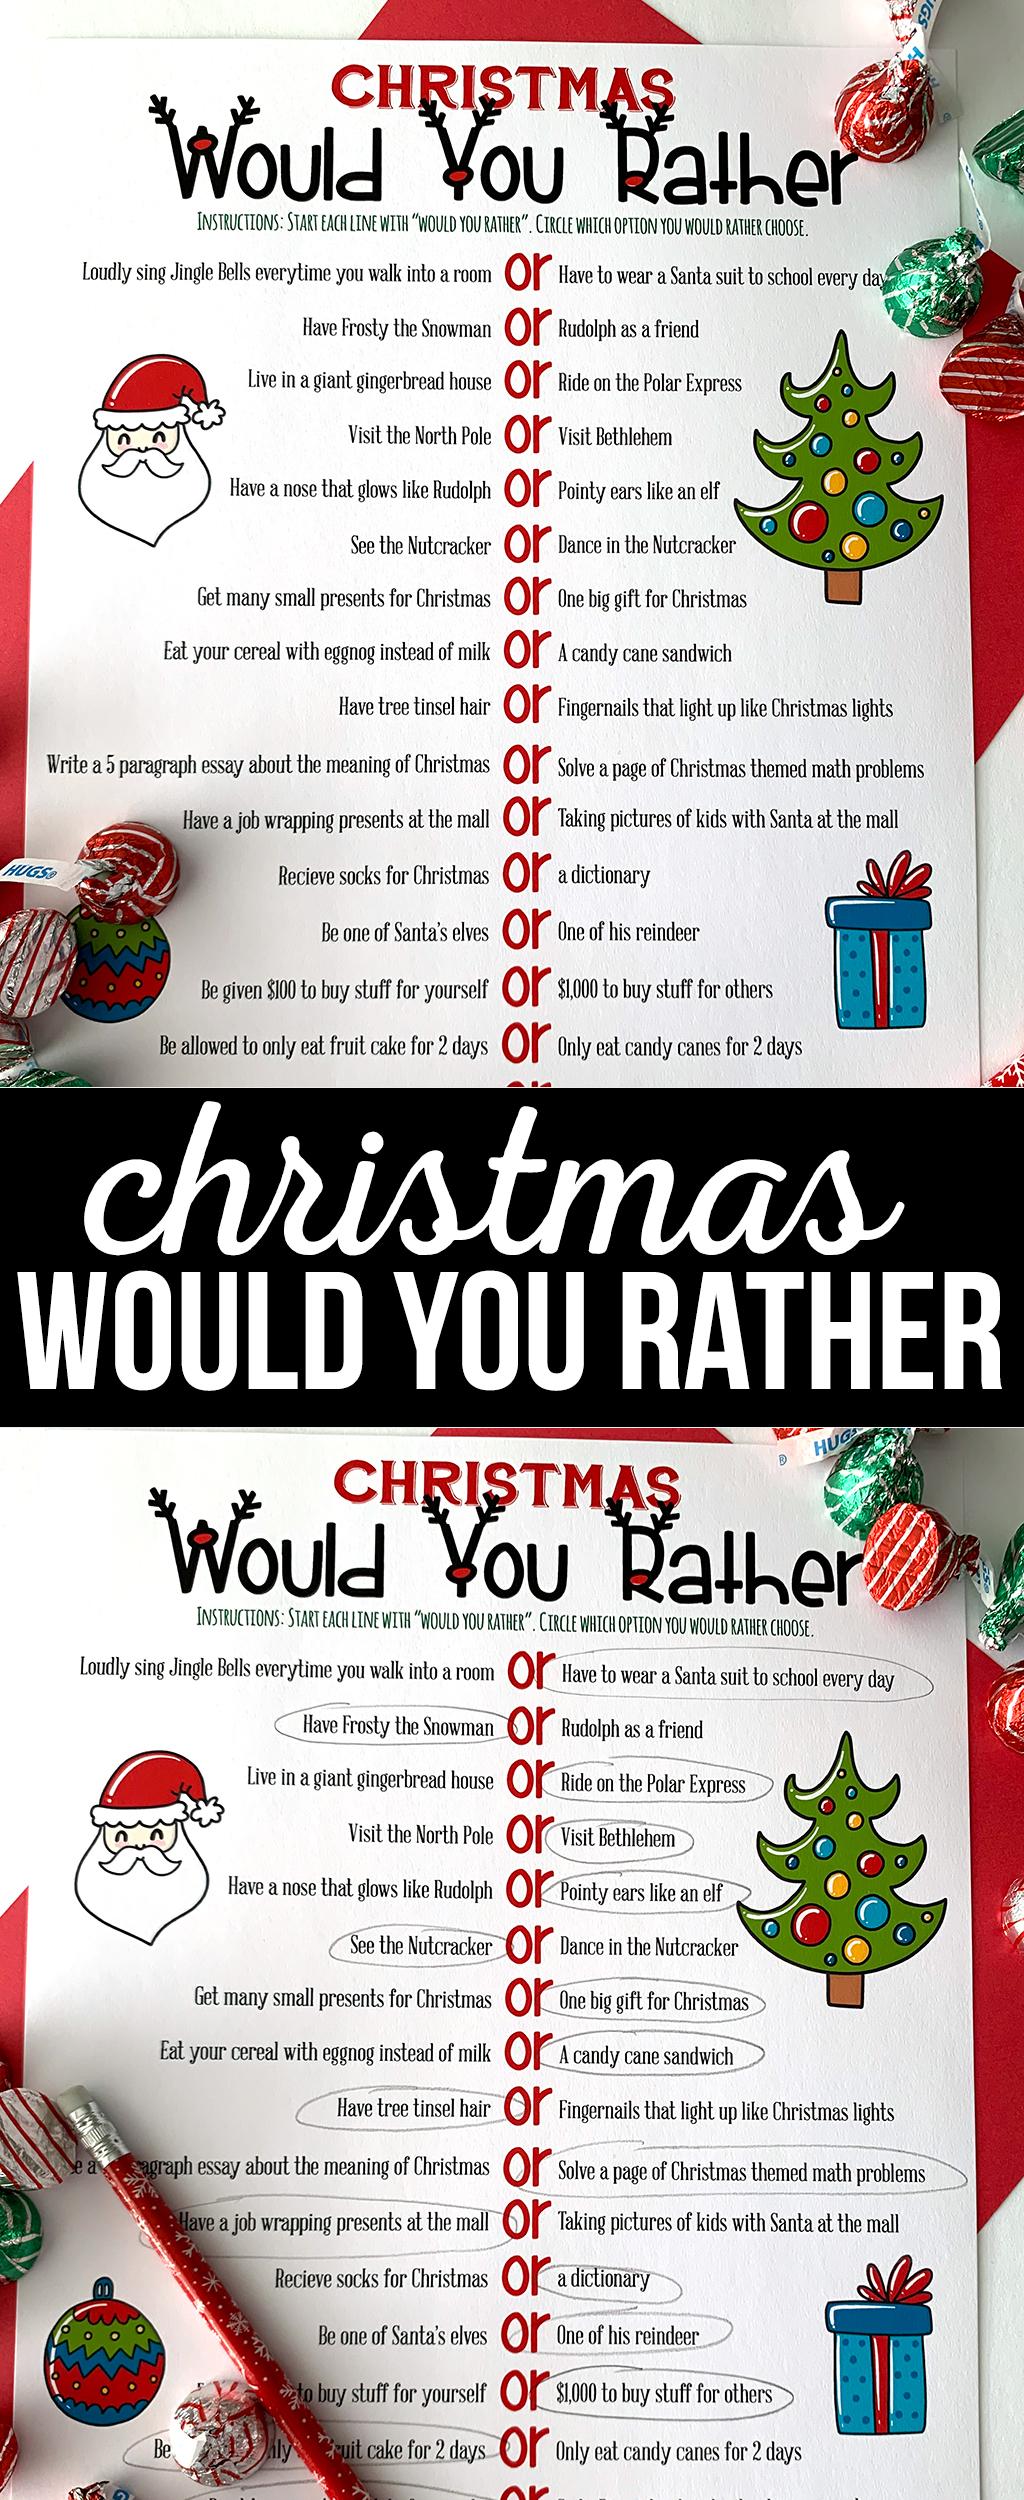 Christmas Would You Rather Free Printable Game